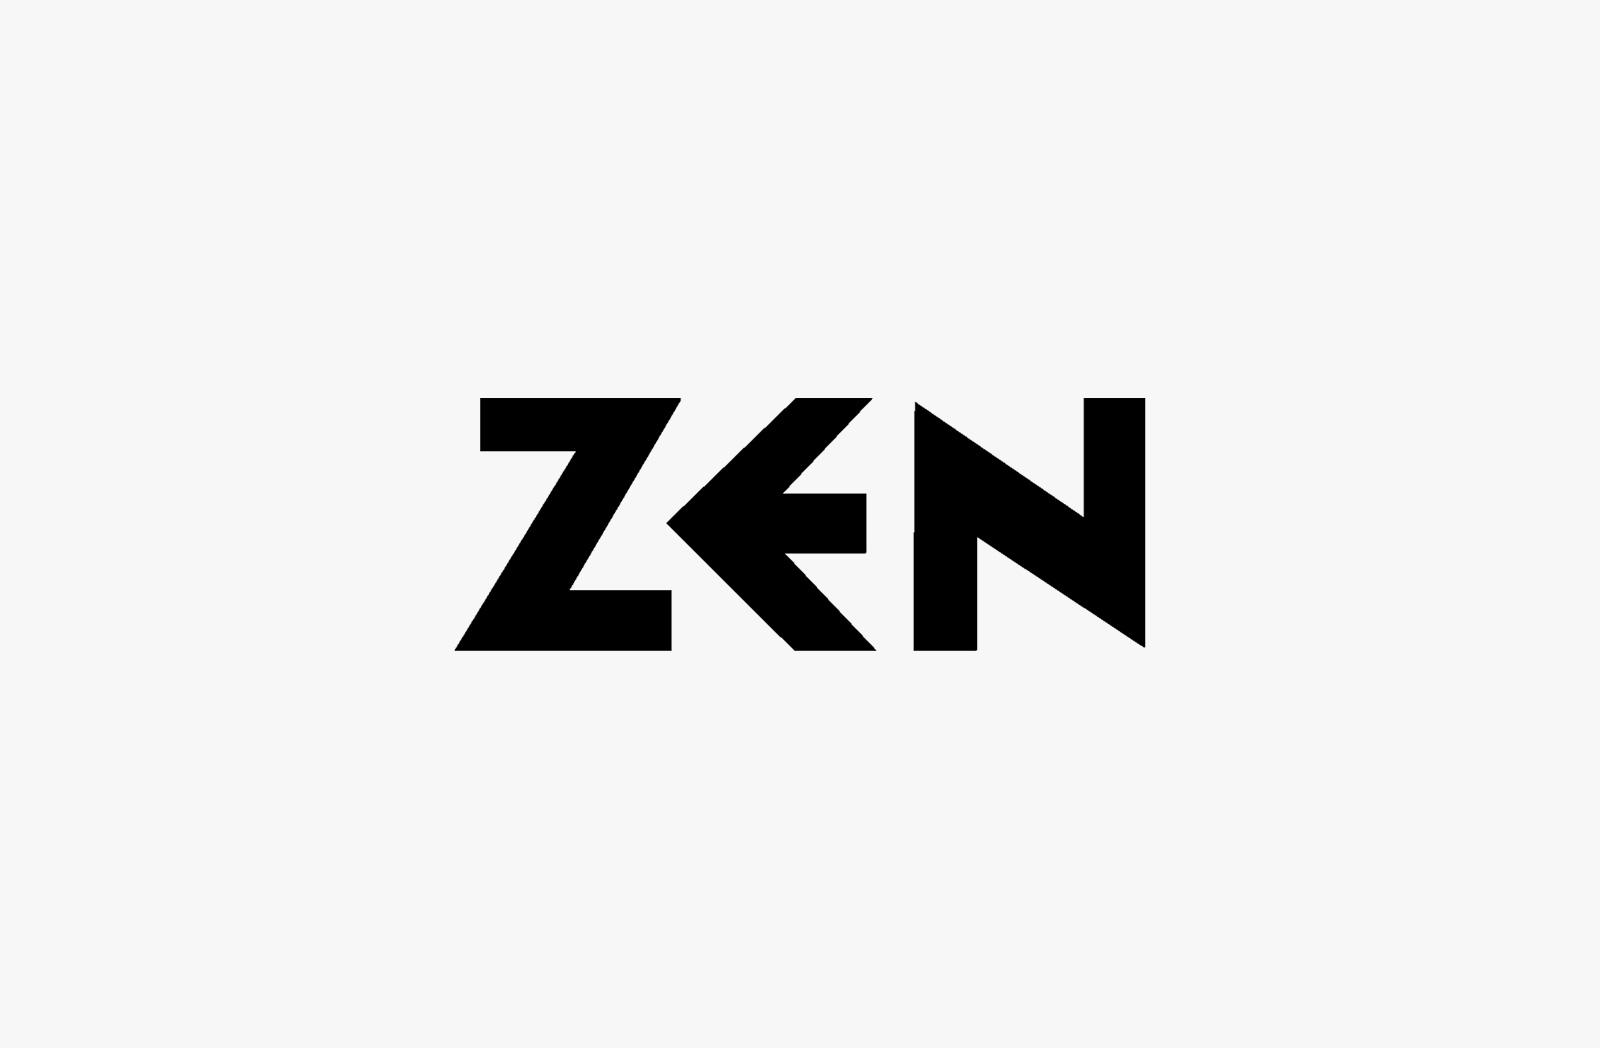 zen-logo